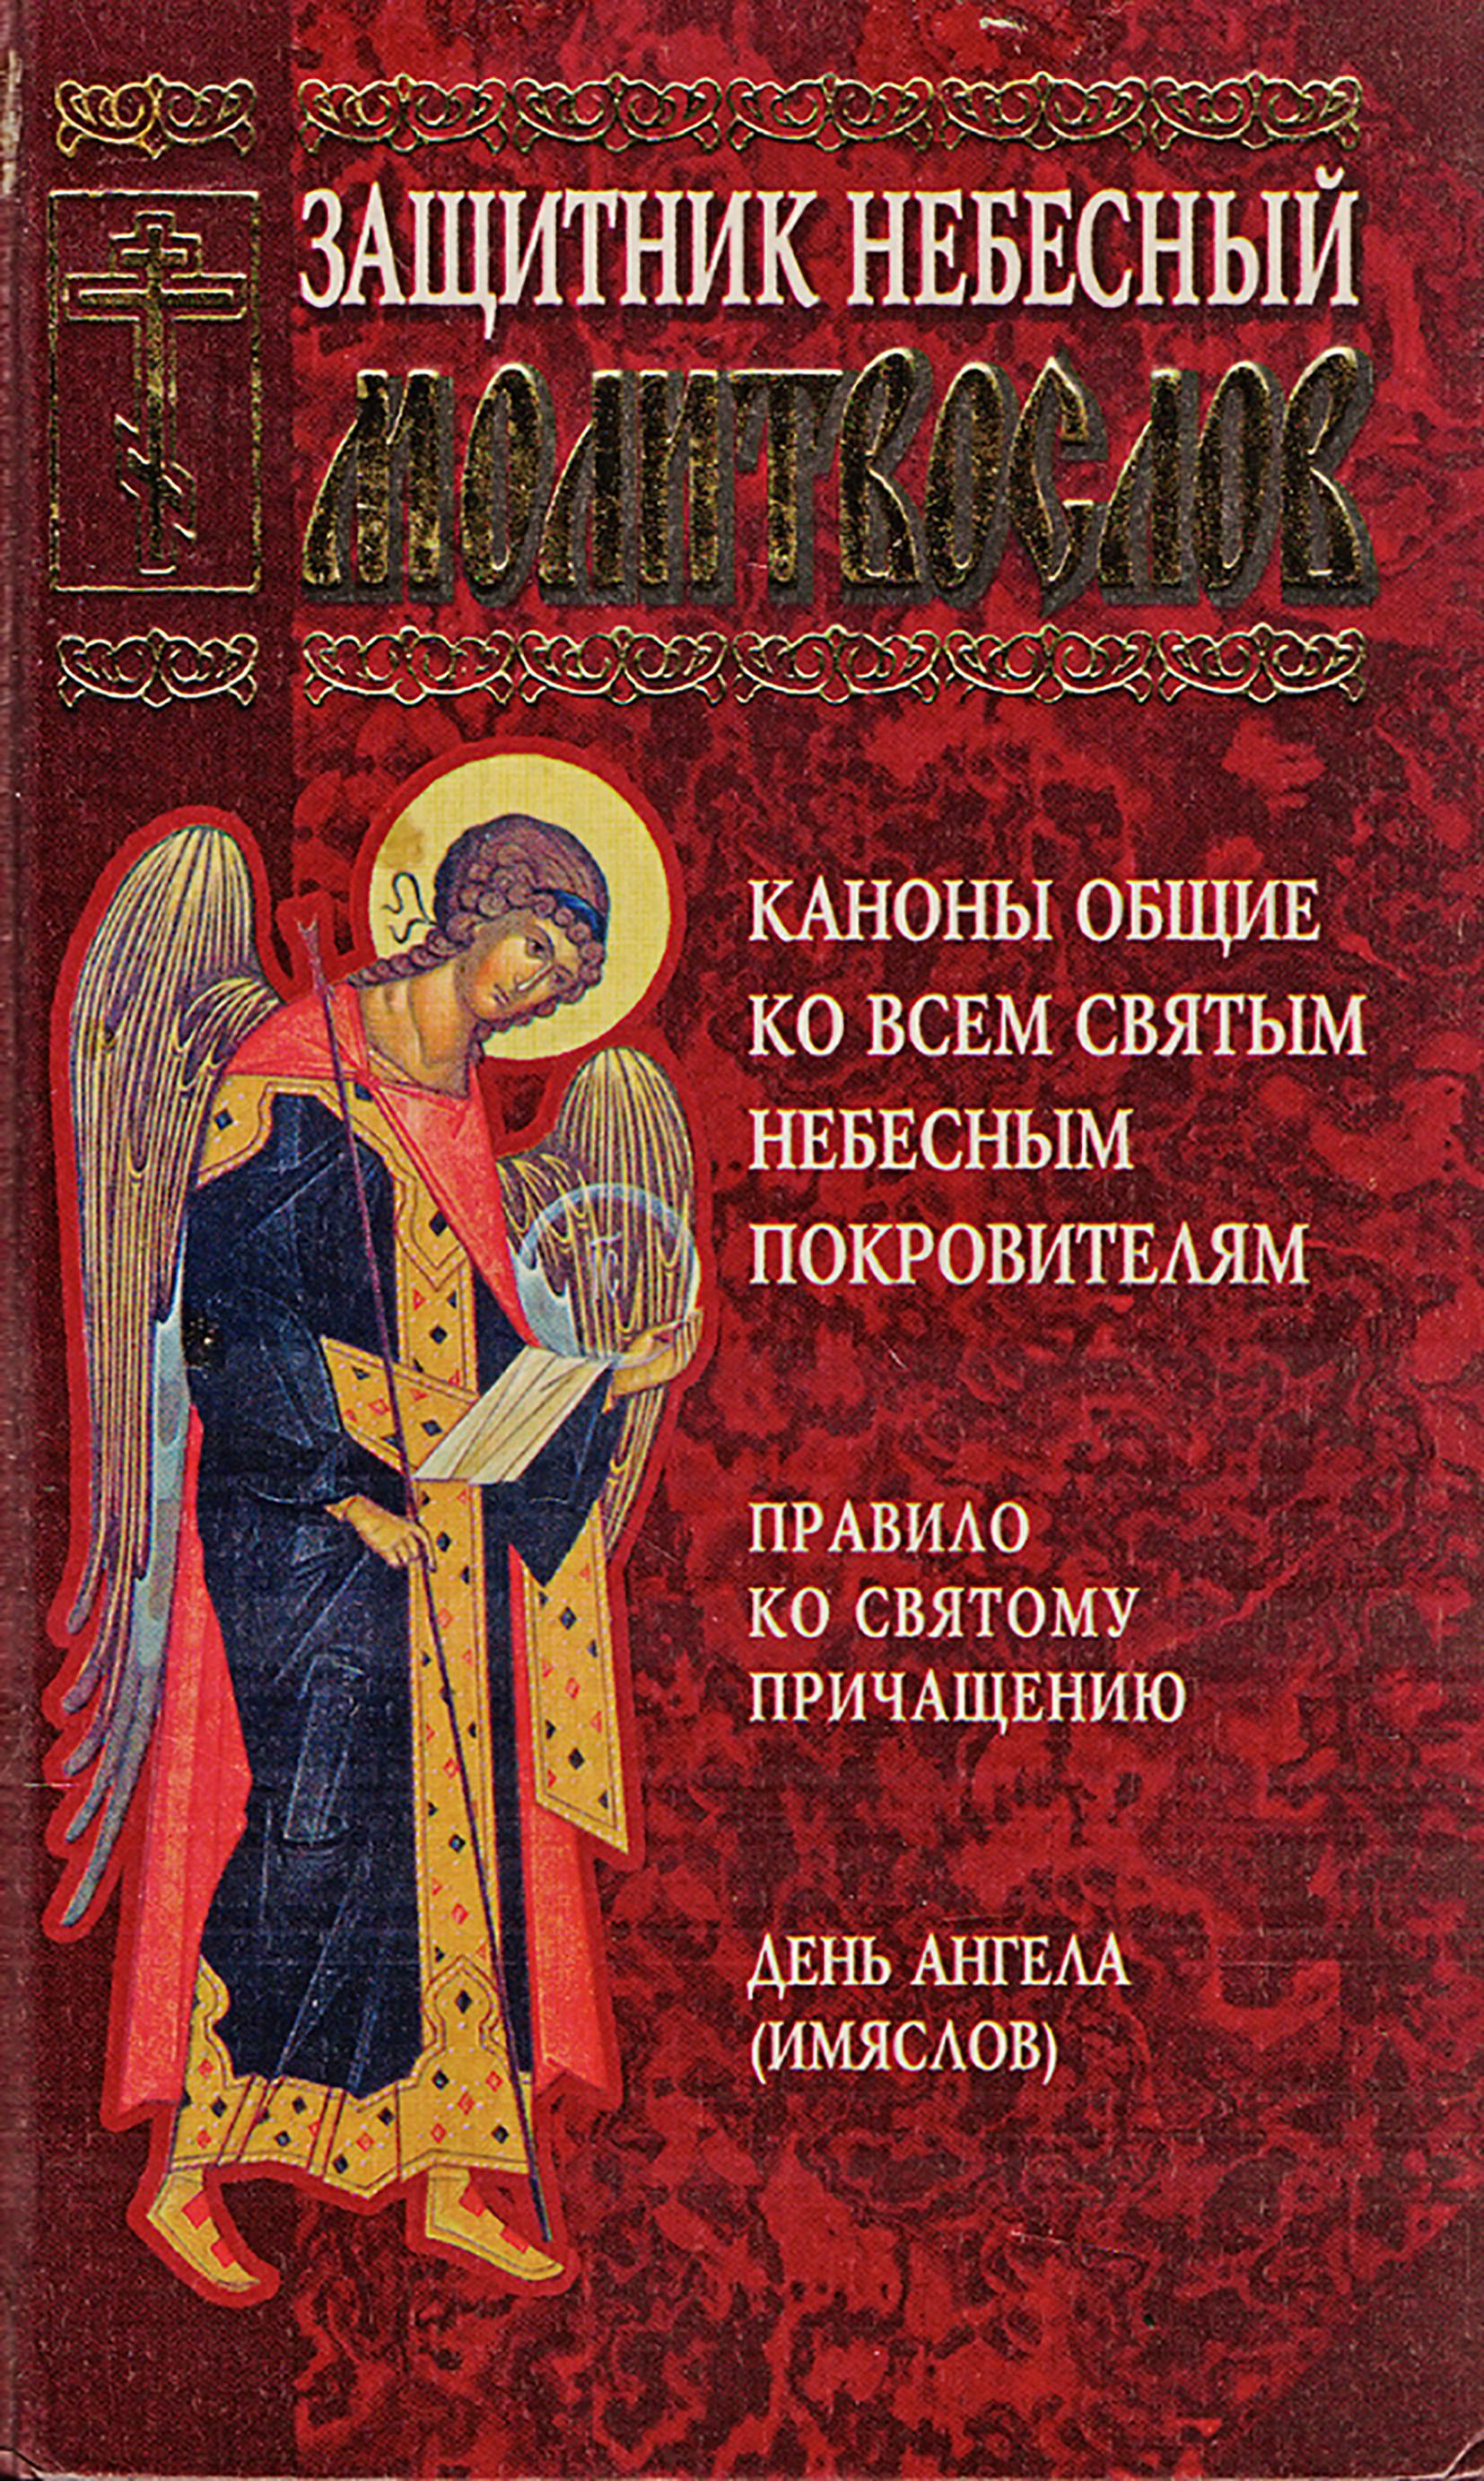 Обложка «Защитник небесный. Молитвослов»